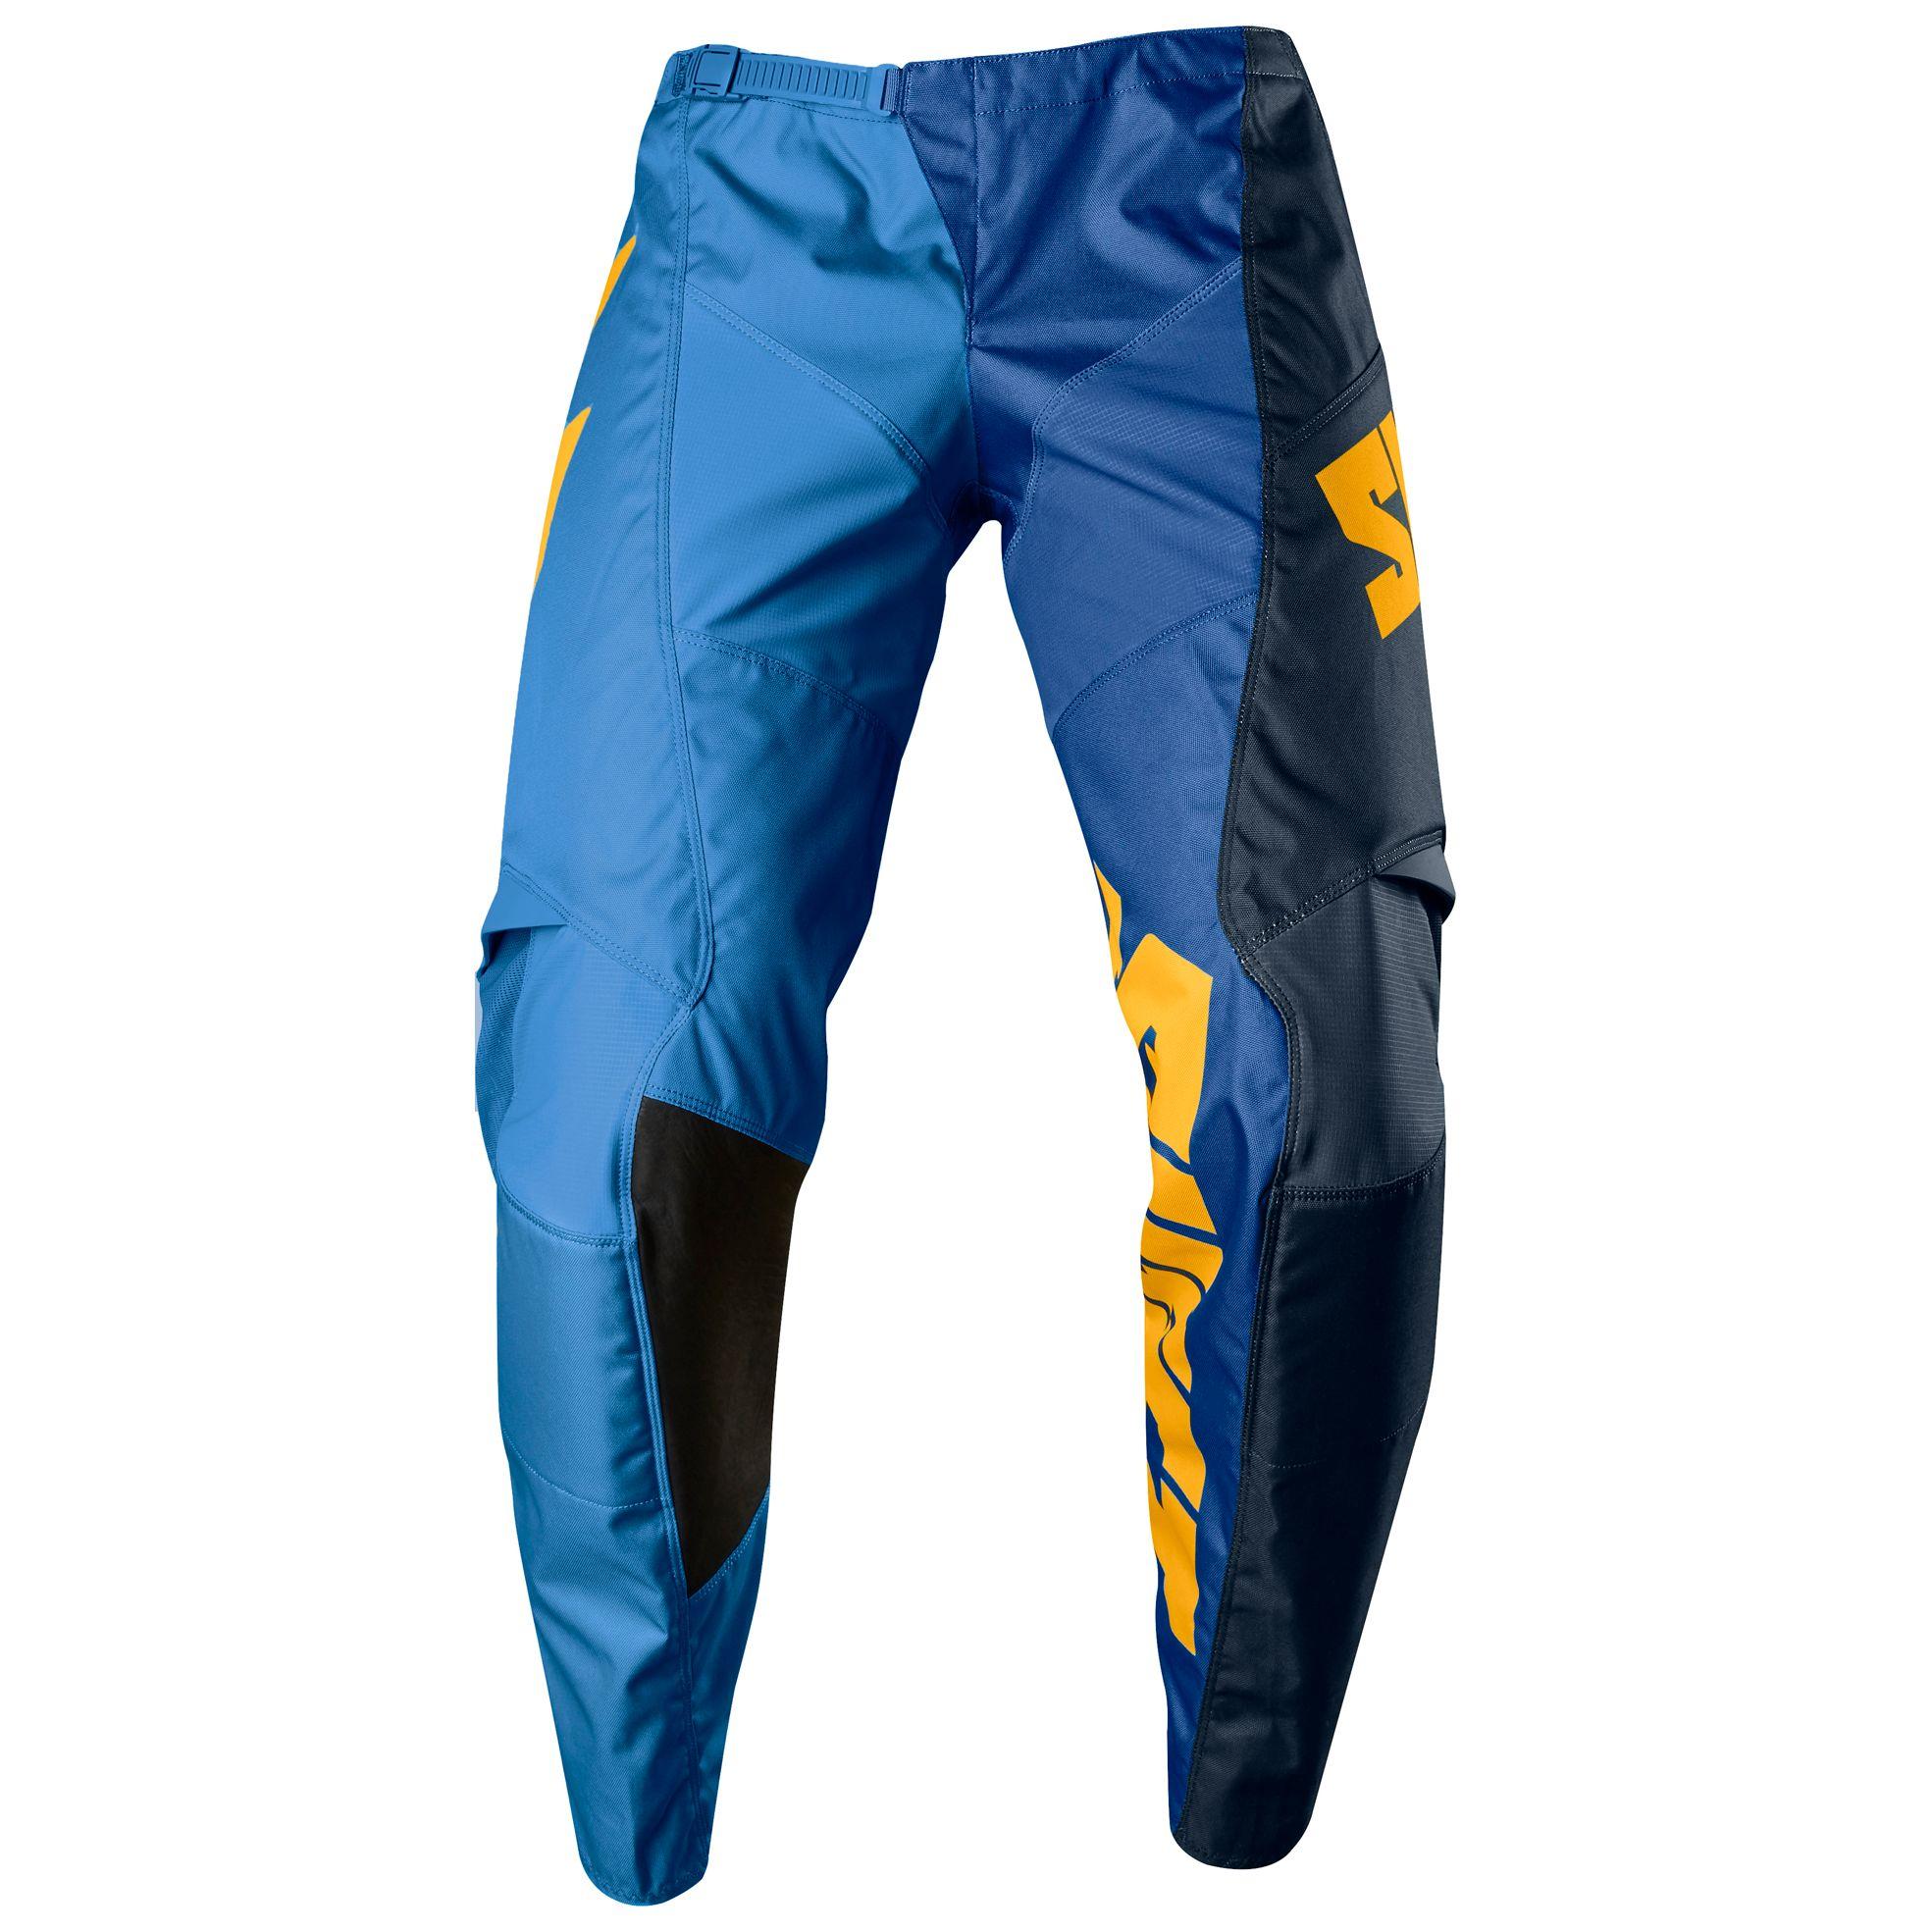 Pantalon cross Shift WHIT3 LABEL TARMAC Bleu  2018